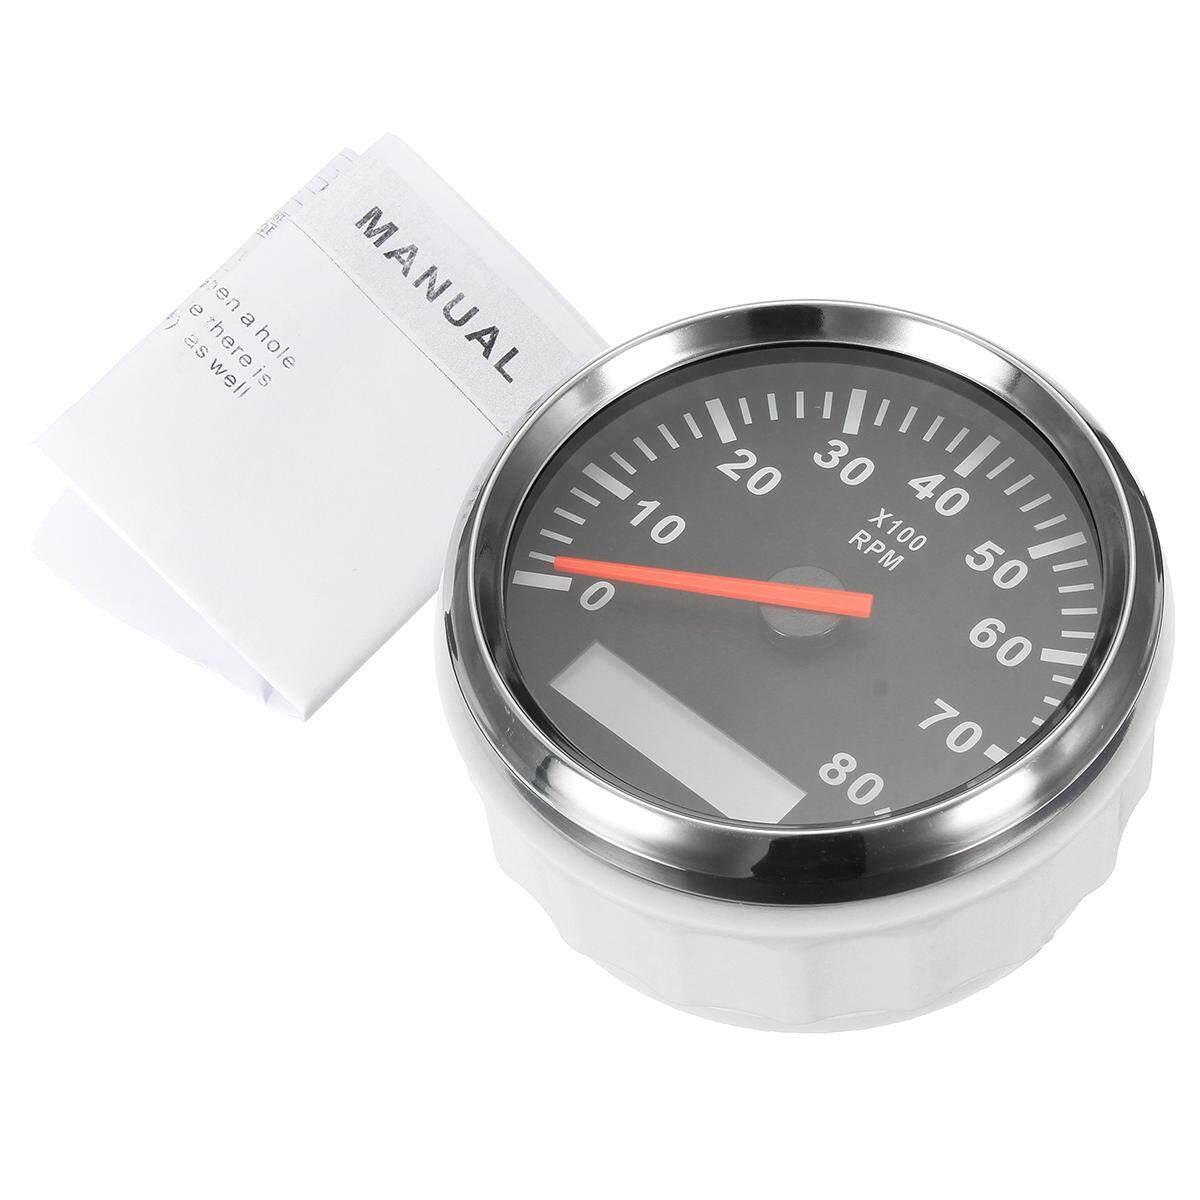 Kus tachometer